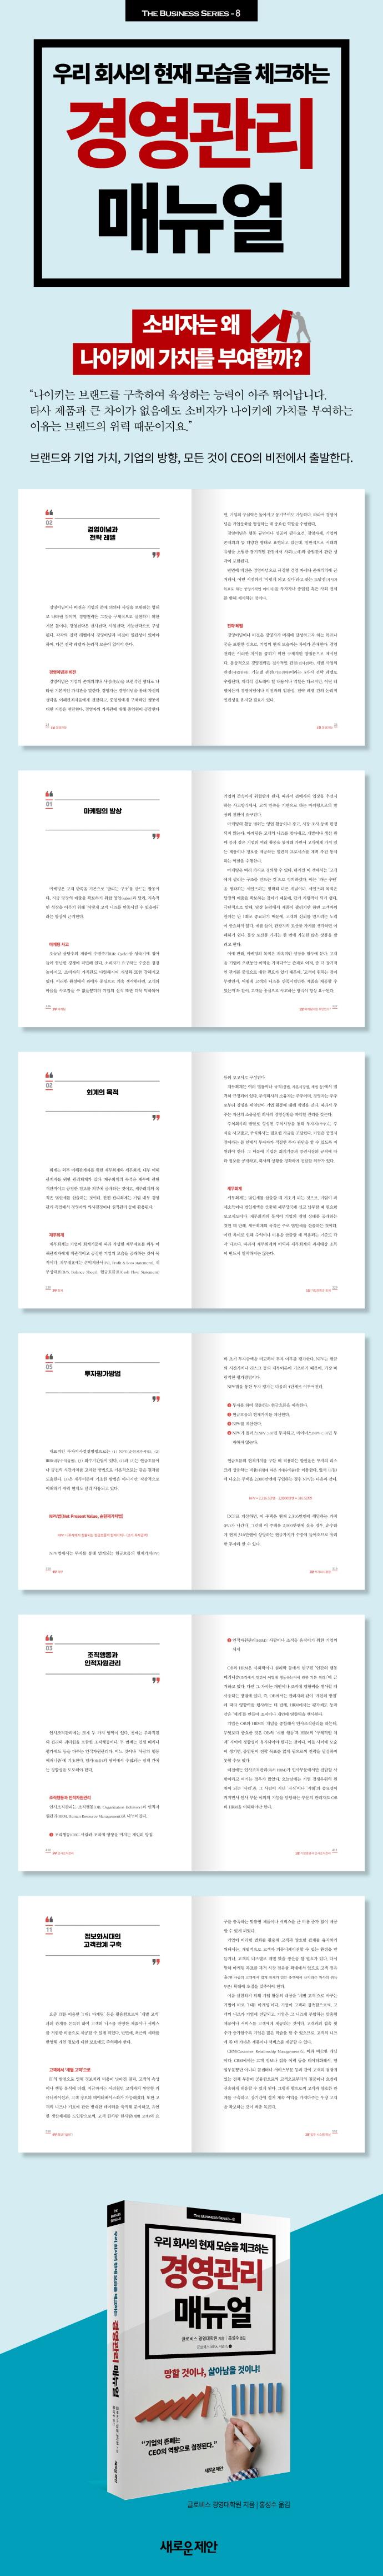 경영관리 매뉴얼(우리 회사의 현재 모습을 체크하는)(The Business Series 8) 도서 상세이미지